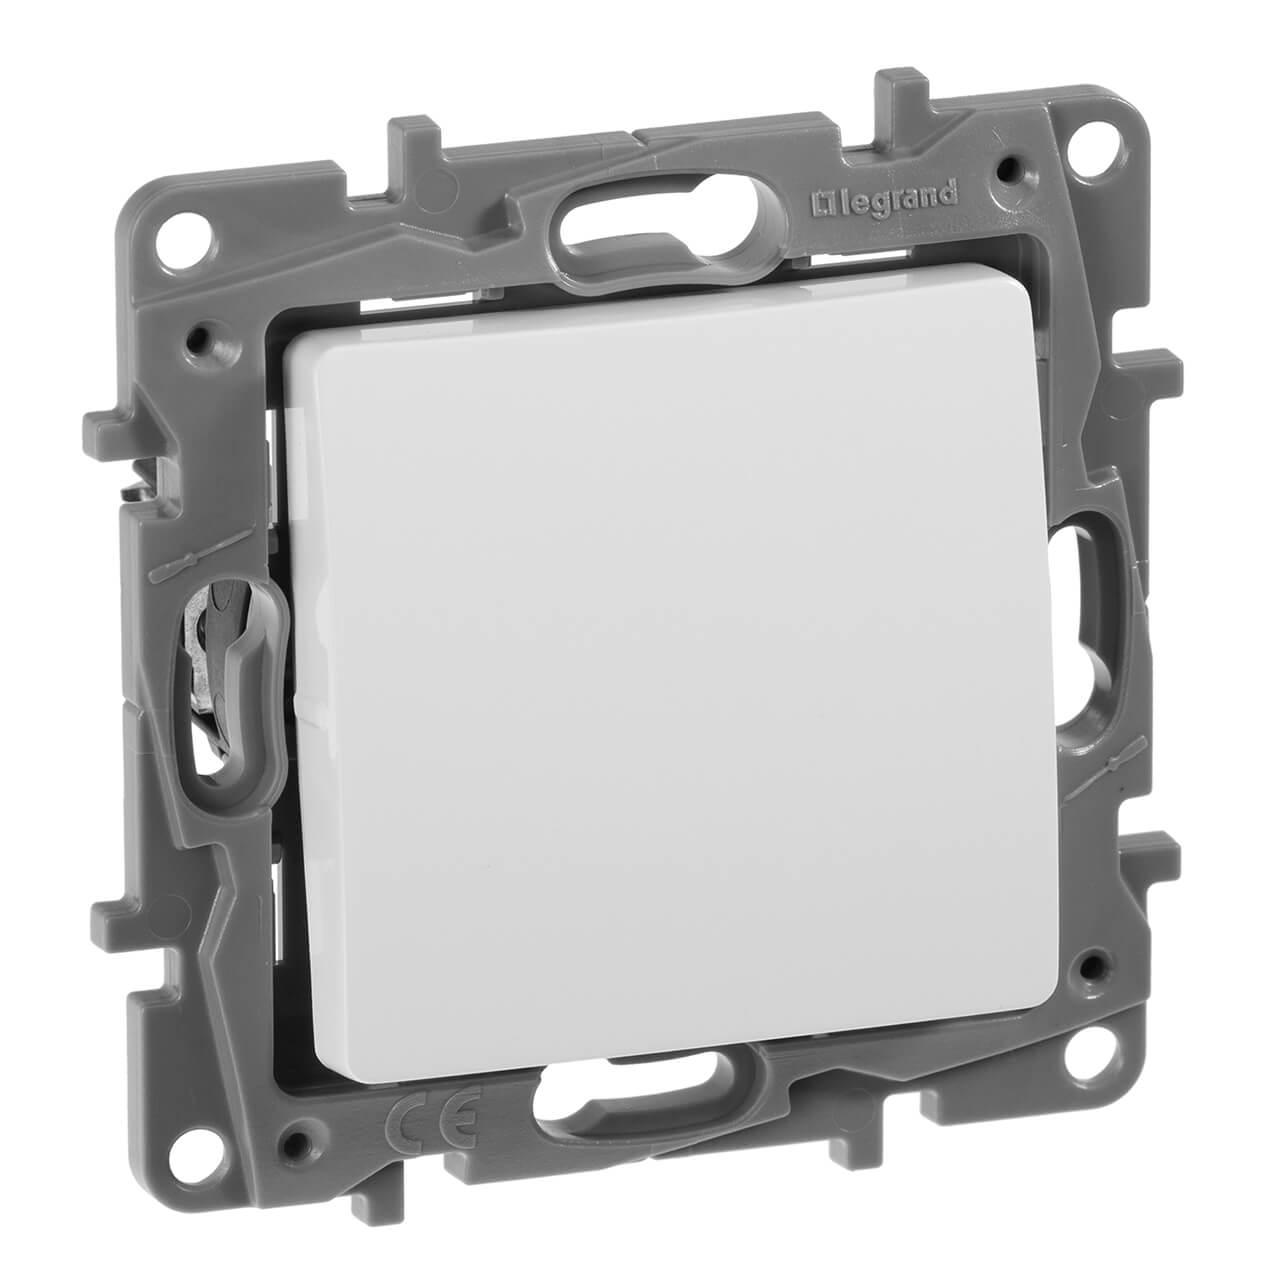 Выключатель кнопочный одноклавишный Legrand Etika 6A 250V белый 672214 выключатель одноклавишный кнопочный legrand quteo 6a 250v белый 782205